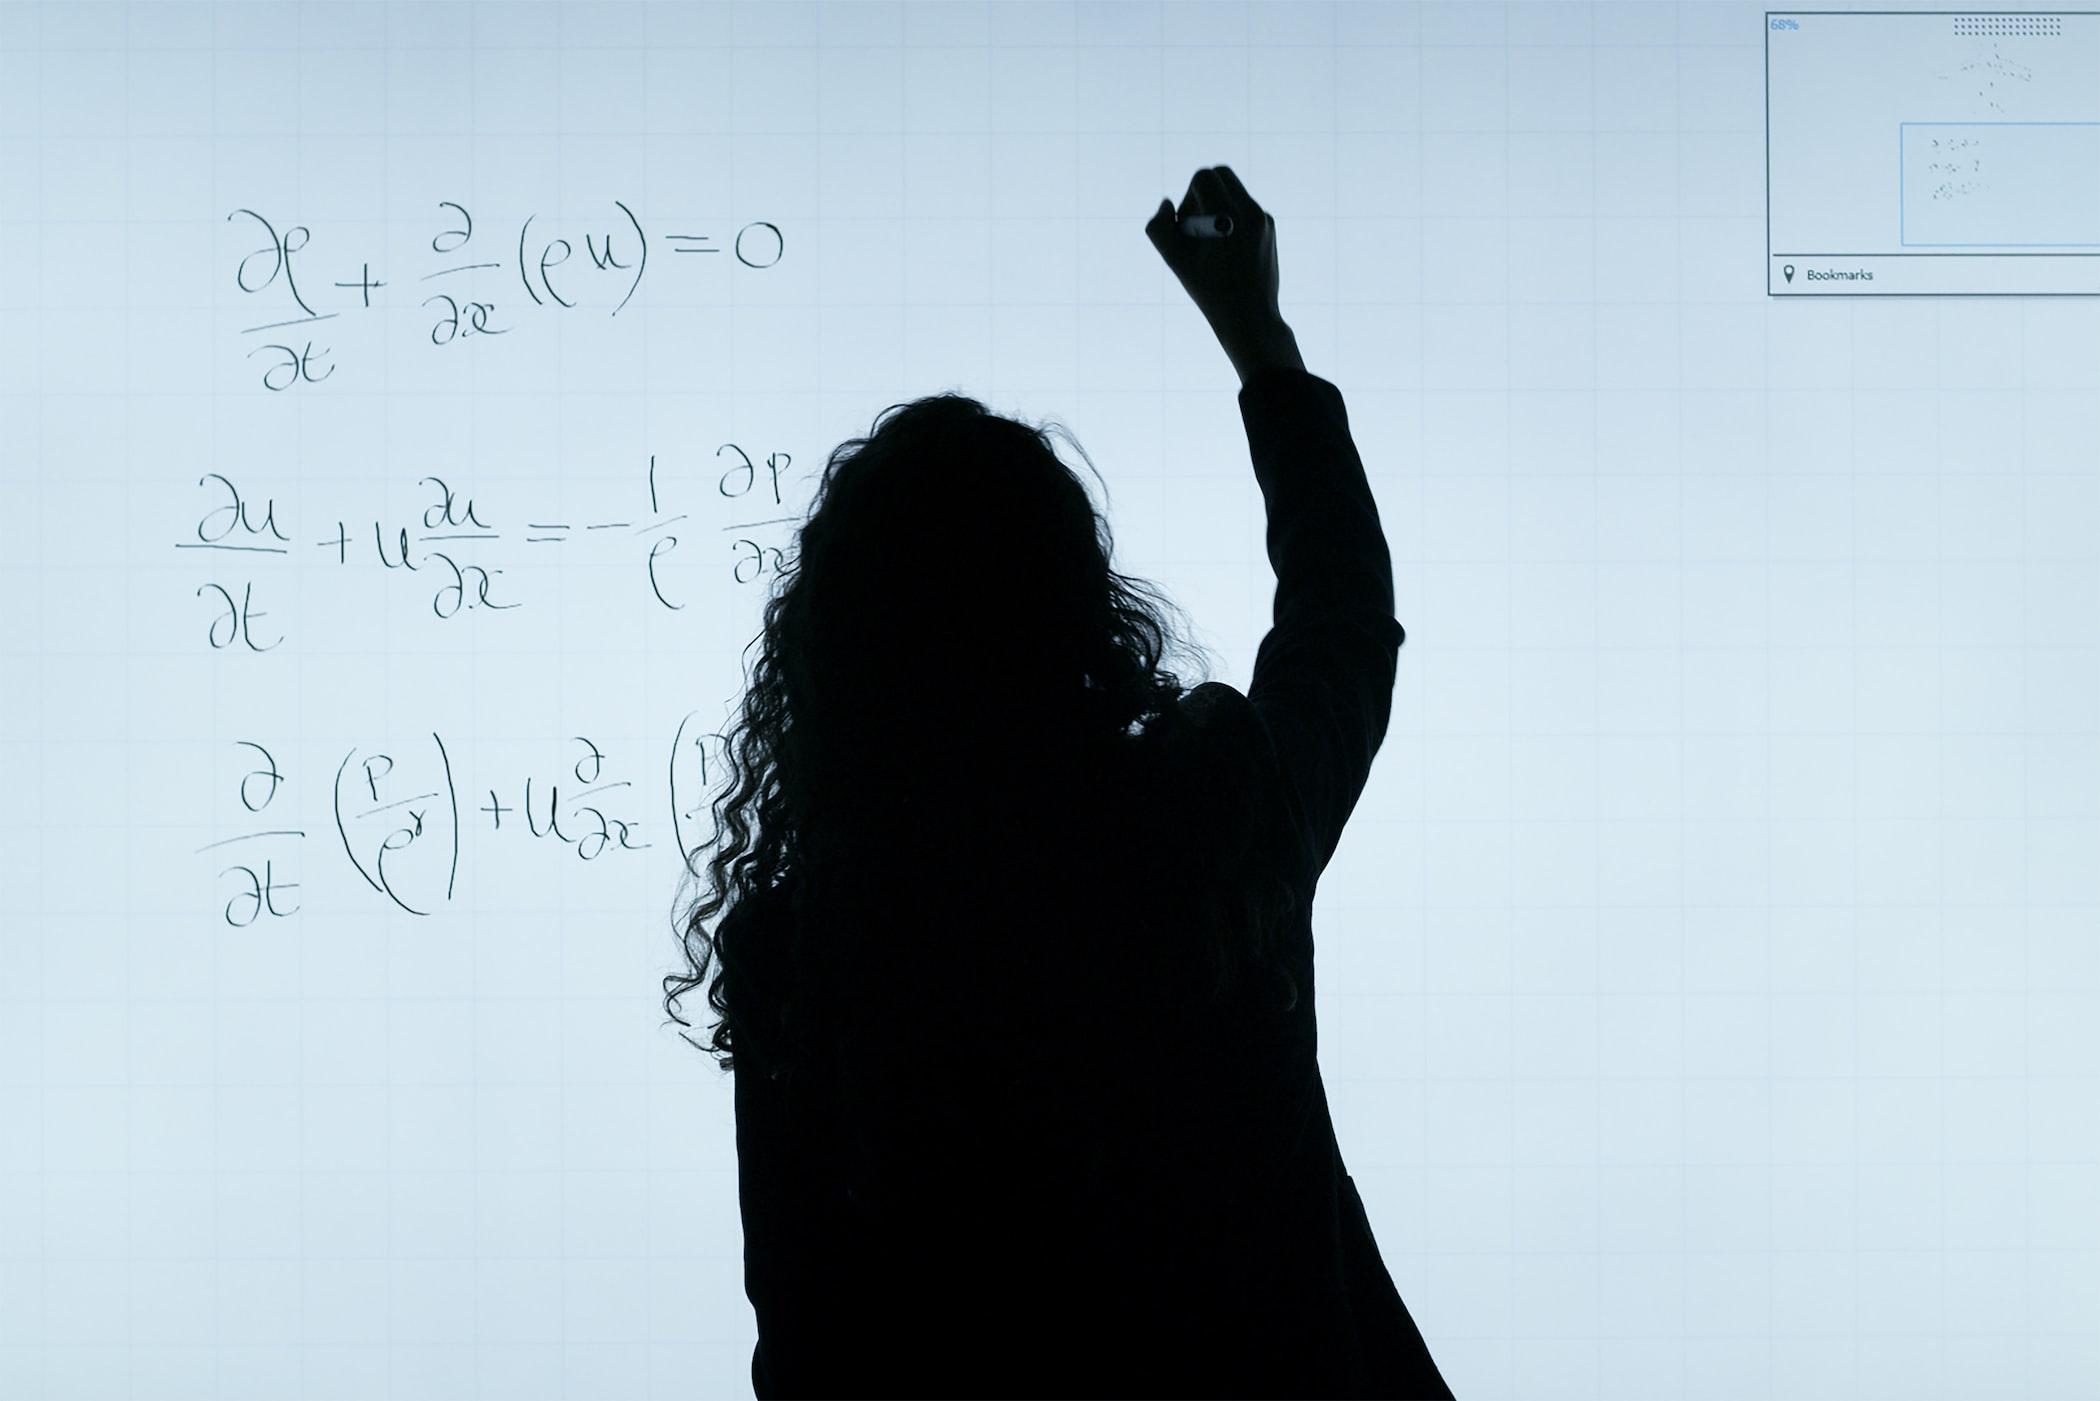 大学受験の倍率の計算方法とは?